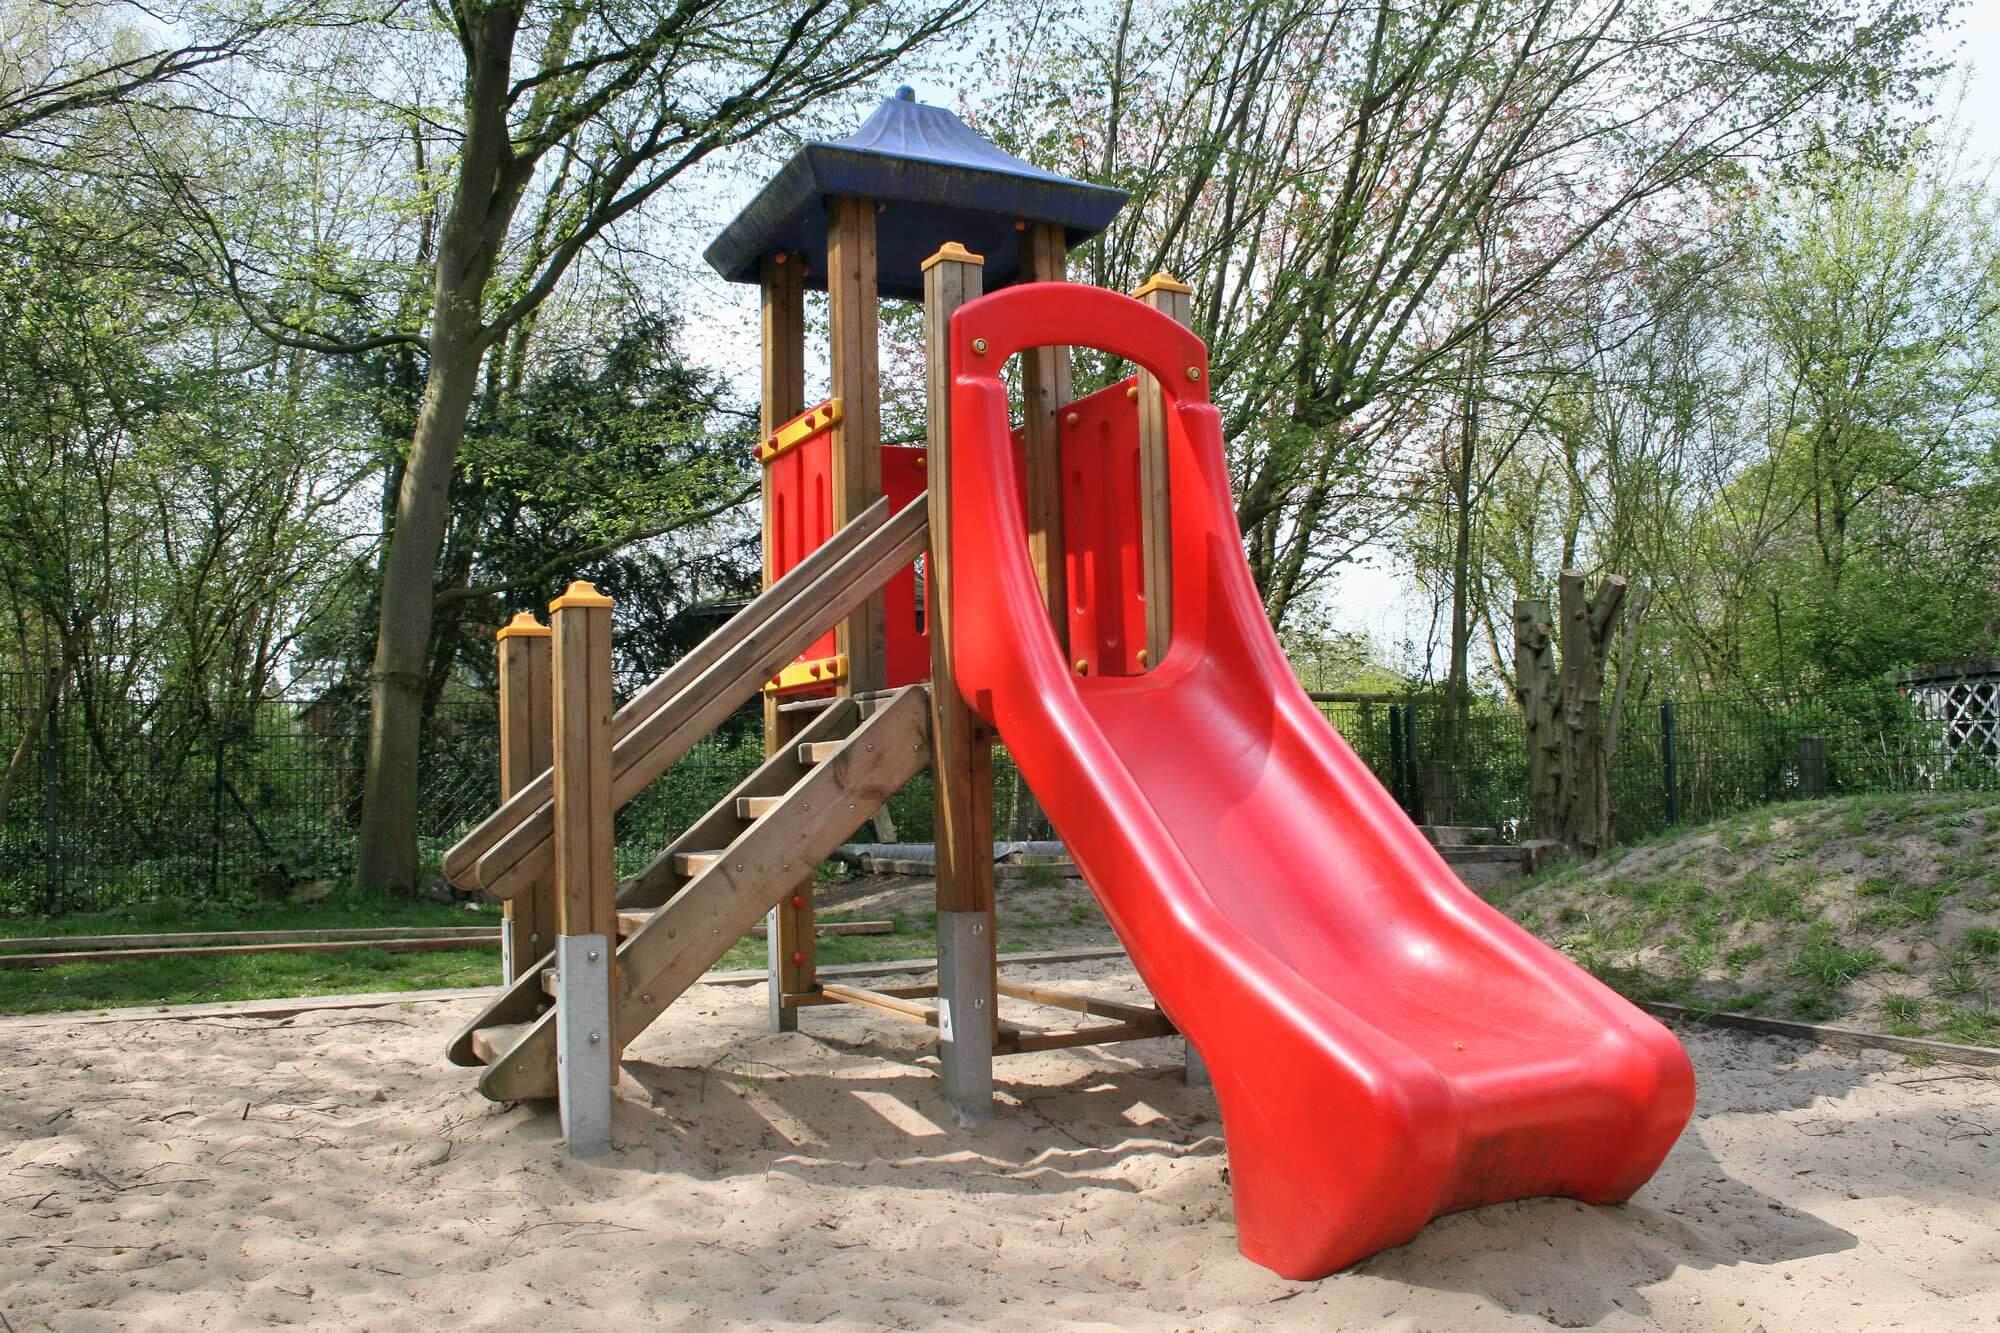 Außenaufnahme des Spielplatzes mit Kletterturm und großer, roter Rutsche